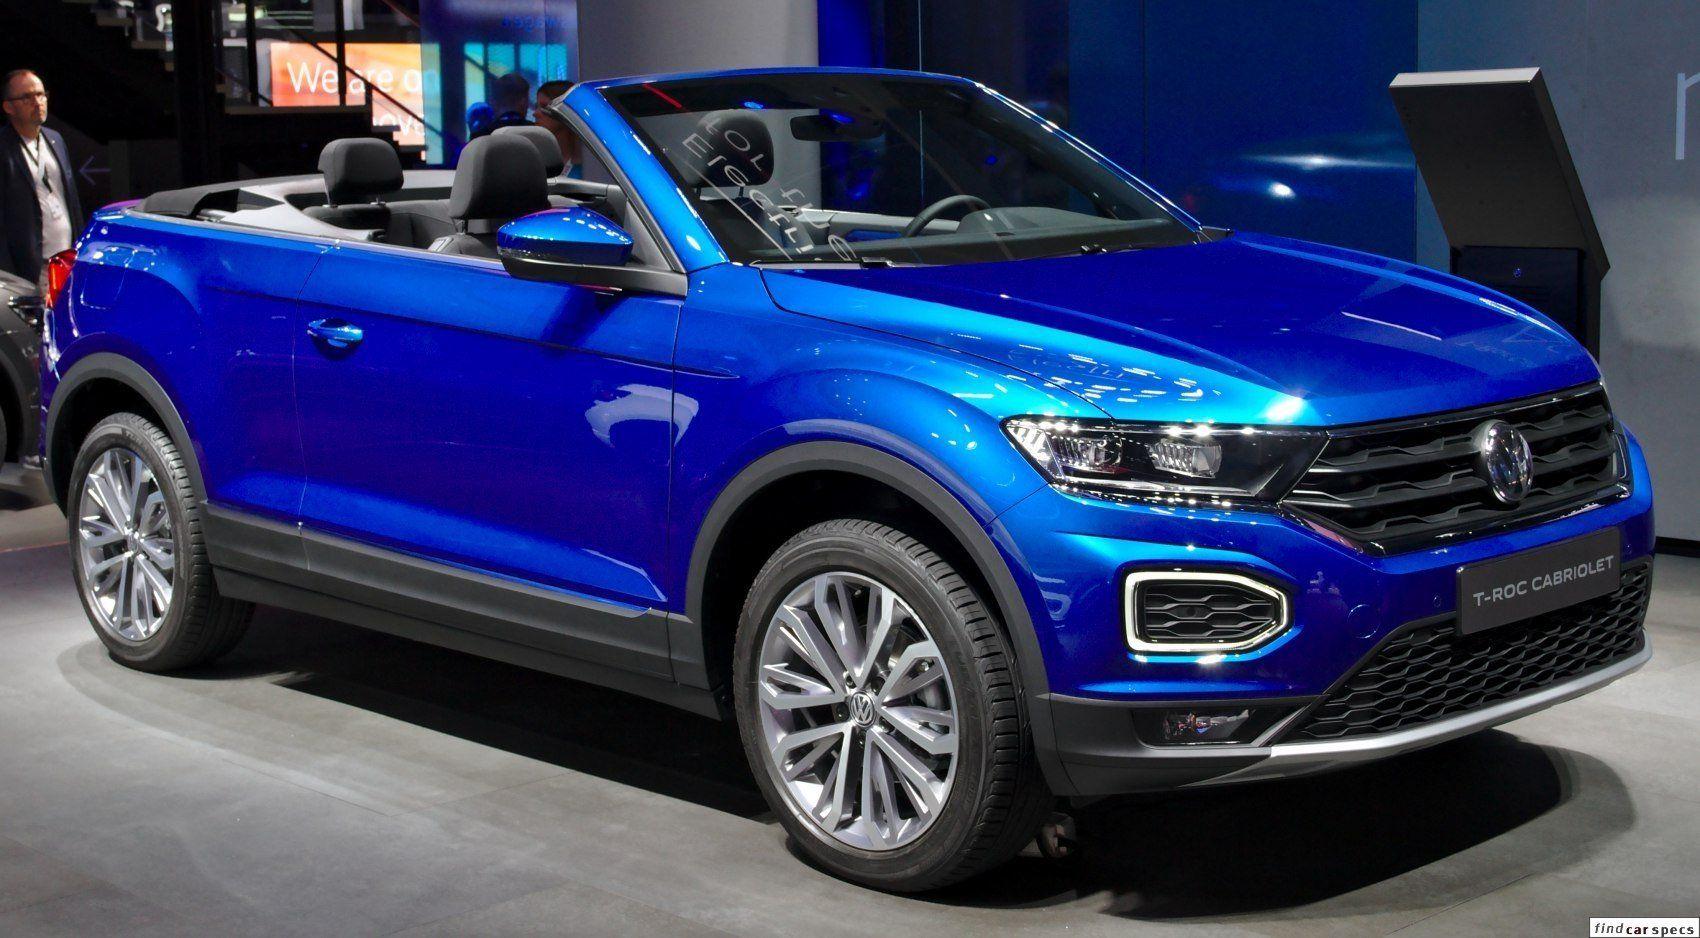 Volkswagen Troc T Roc Cabriolet 1 5 Tsi 150 Hp Dsg Act Opf Petrol Gasoline 2019 T Roc Cabriolet In 2020 Volkswagen Volkswagen Models Turbocharger